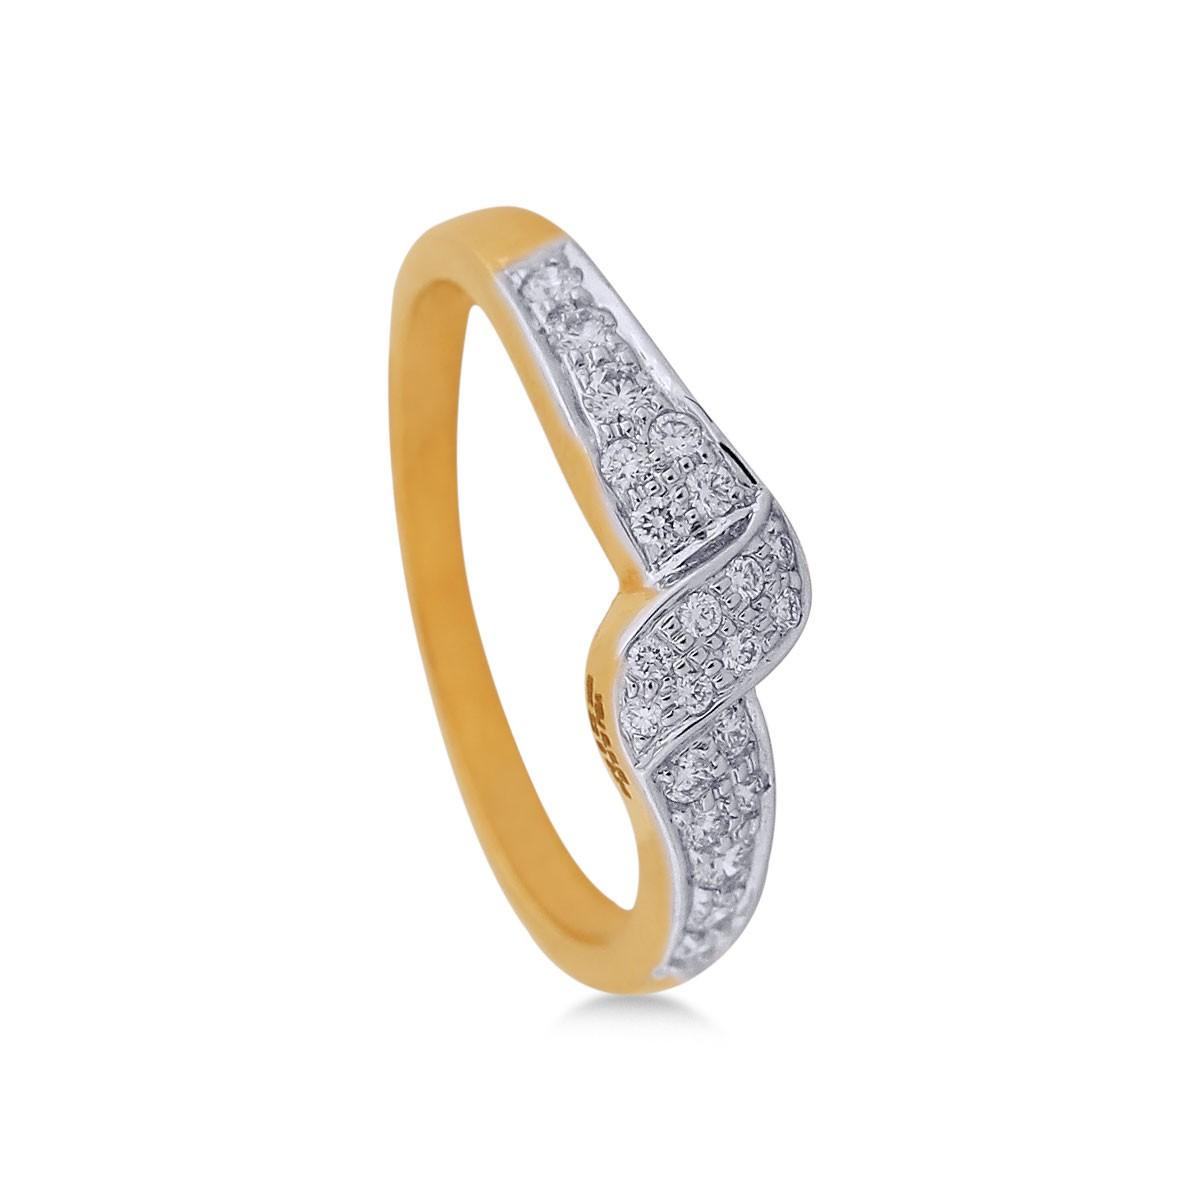 Cadence Diamond Ring